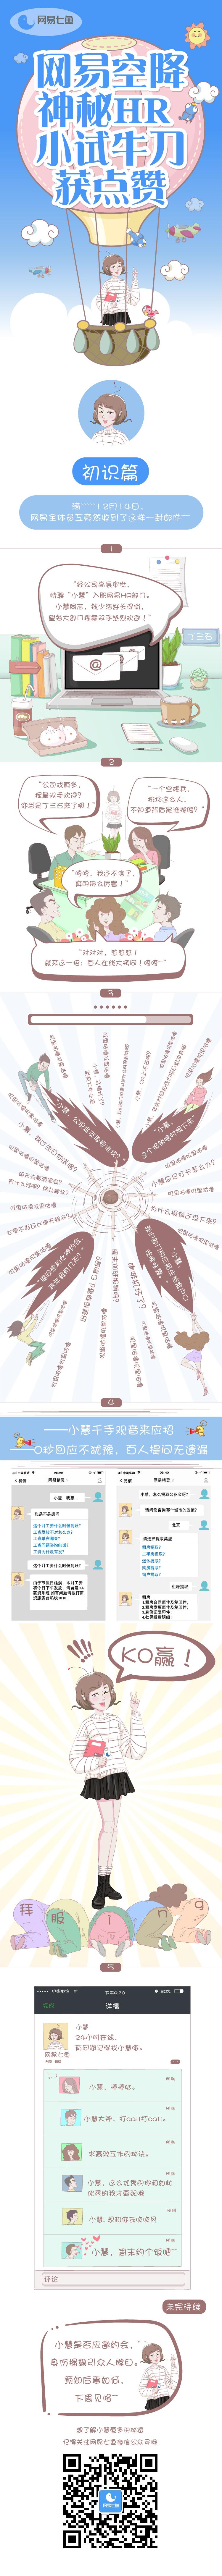 【网易七鱼】场景漫画第一版